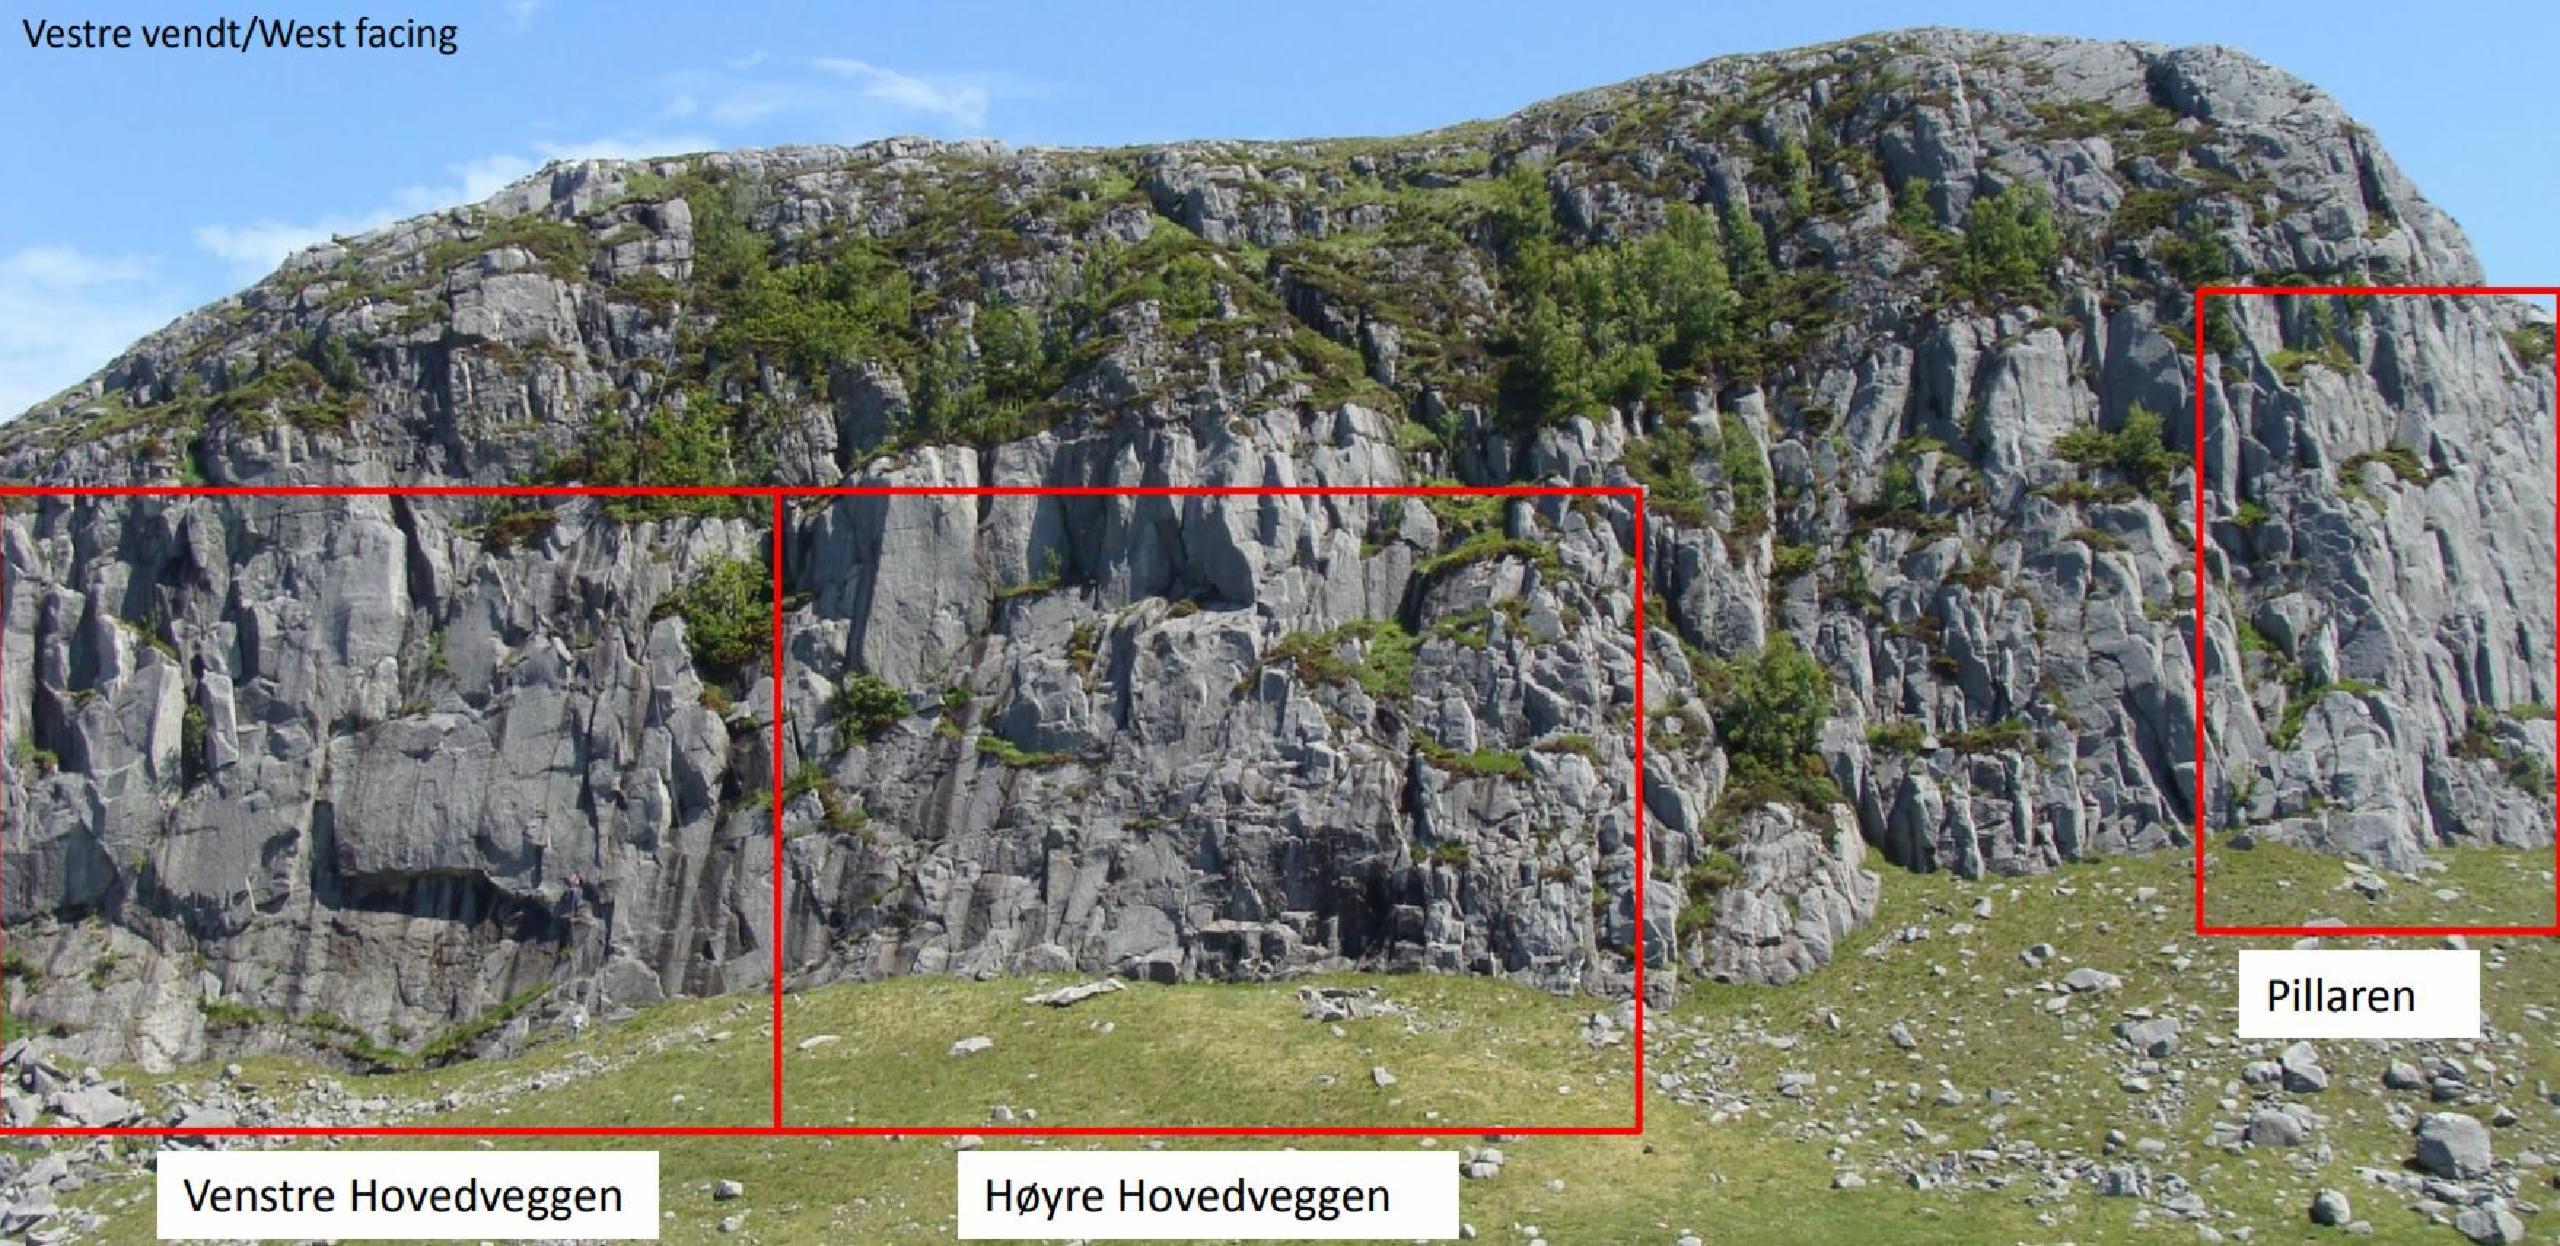 Pilaren høyre (Store Hetland)